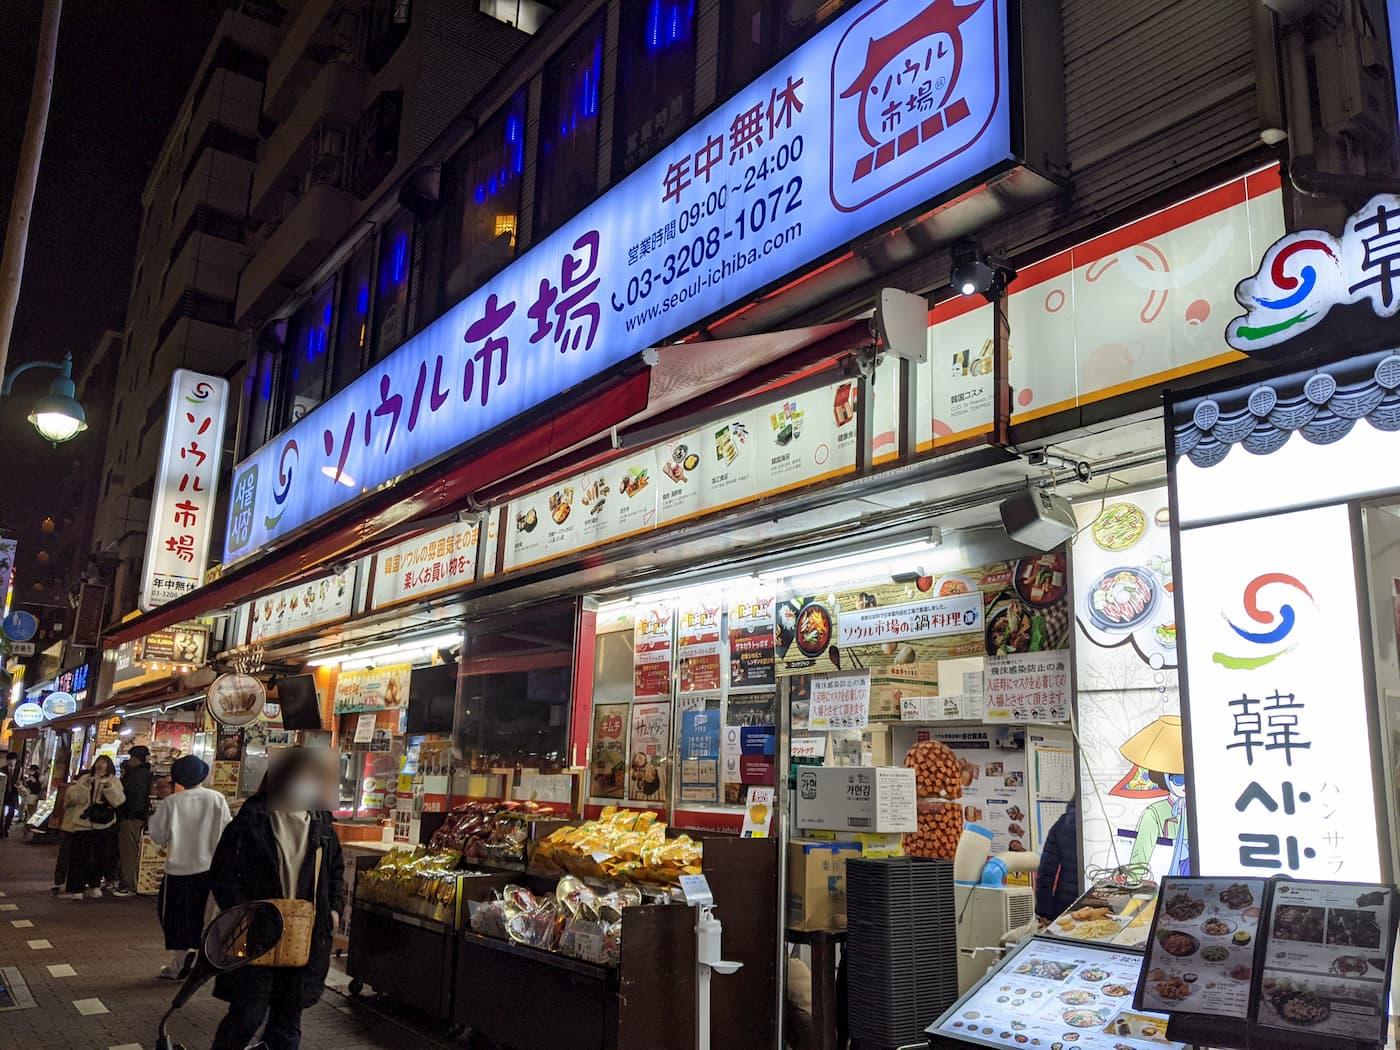 ソウル市場